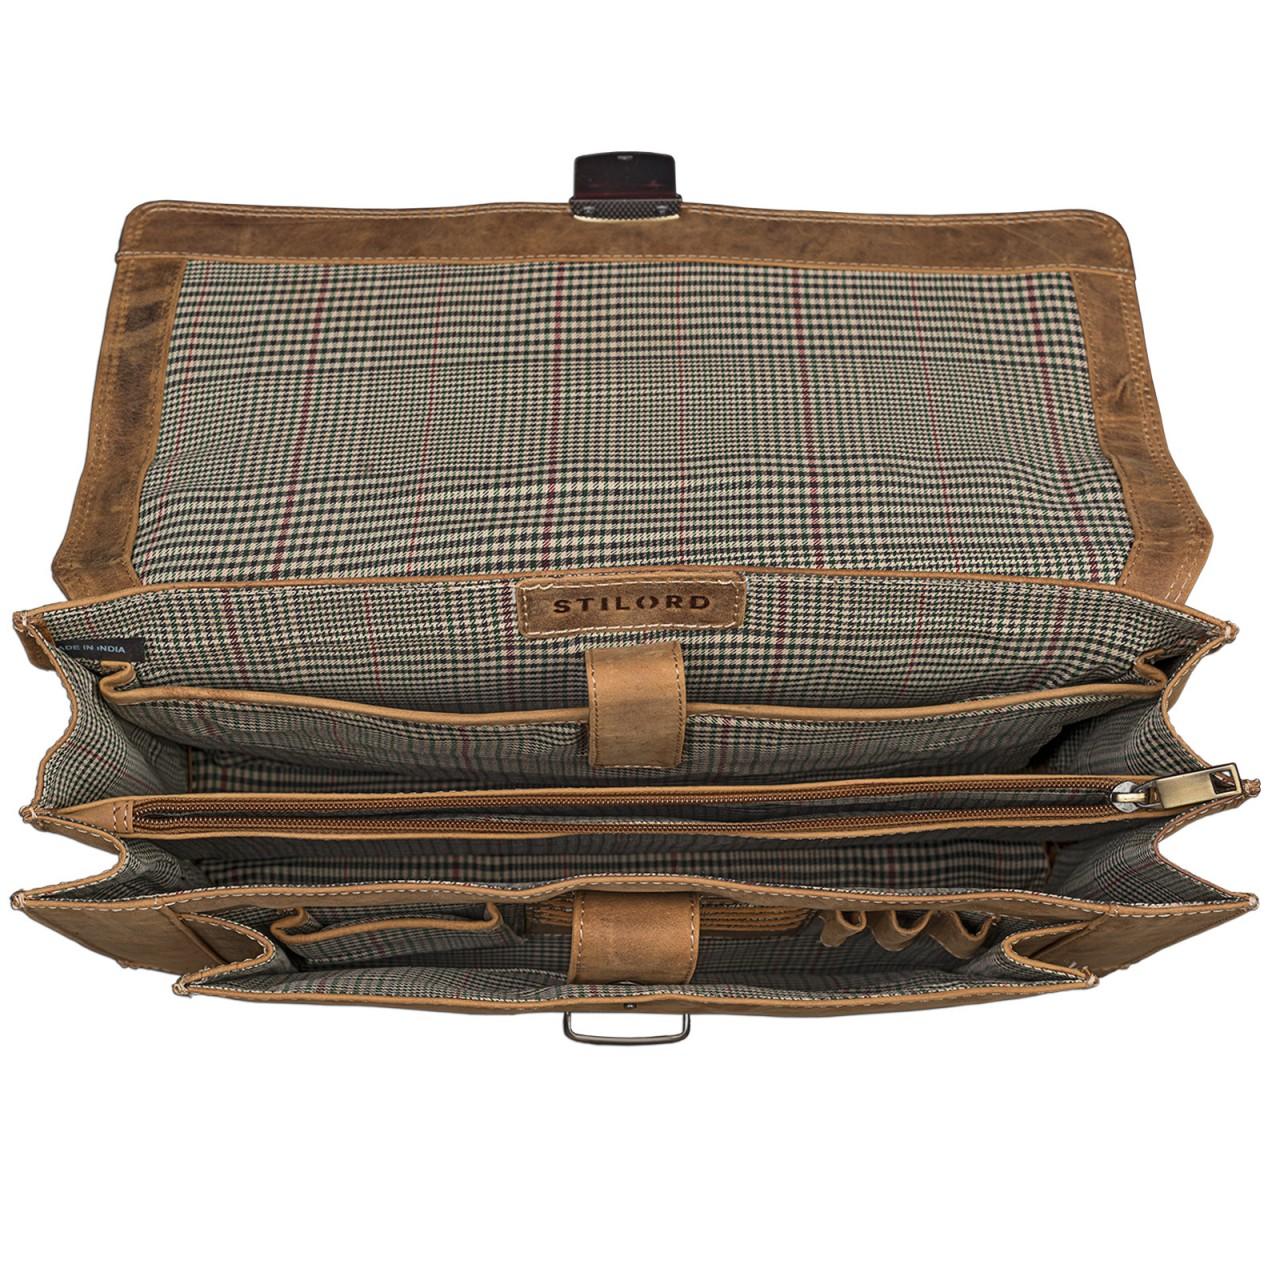 STILORD Bürotasche klassisch elegante Business Umhängetasche Laptoptasche zeitloses Vintage Design und echtes Leder, braun - Bild 5